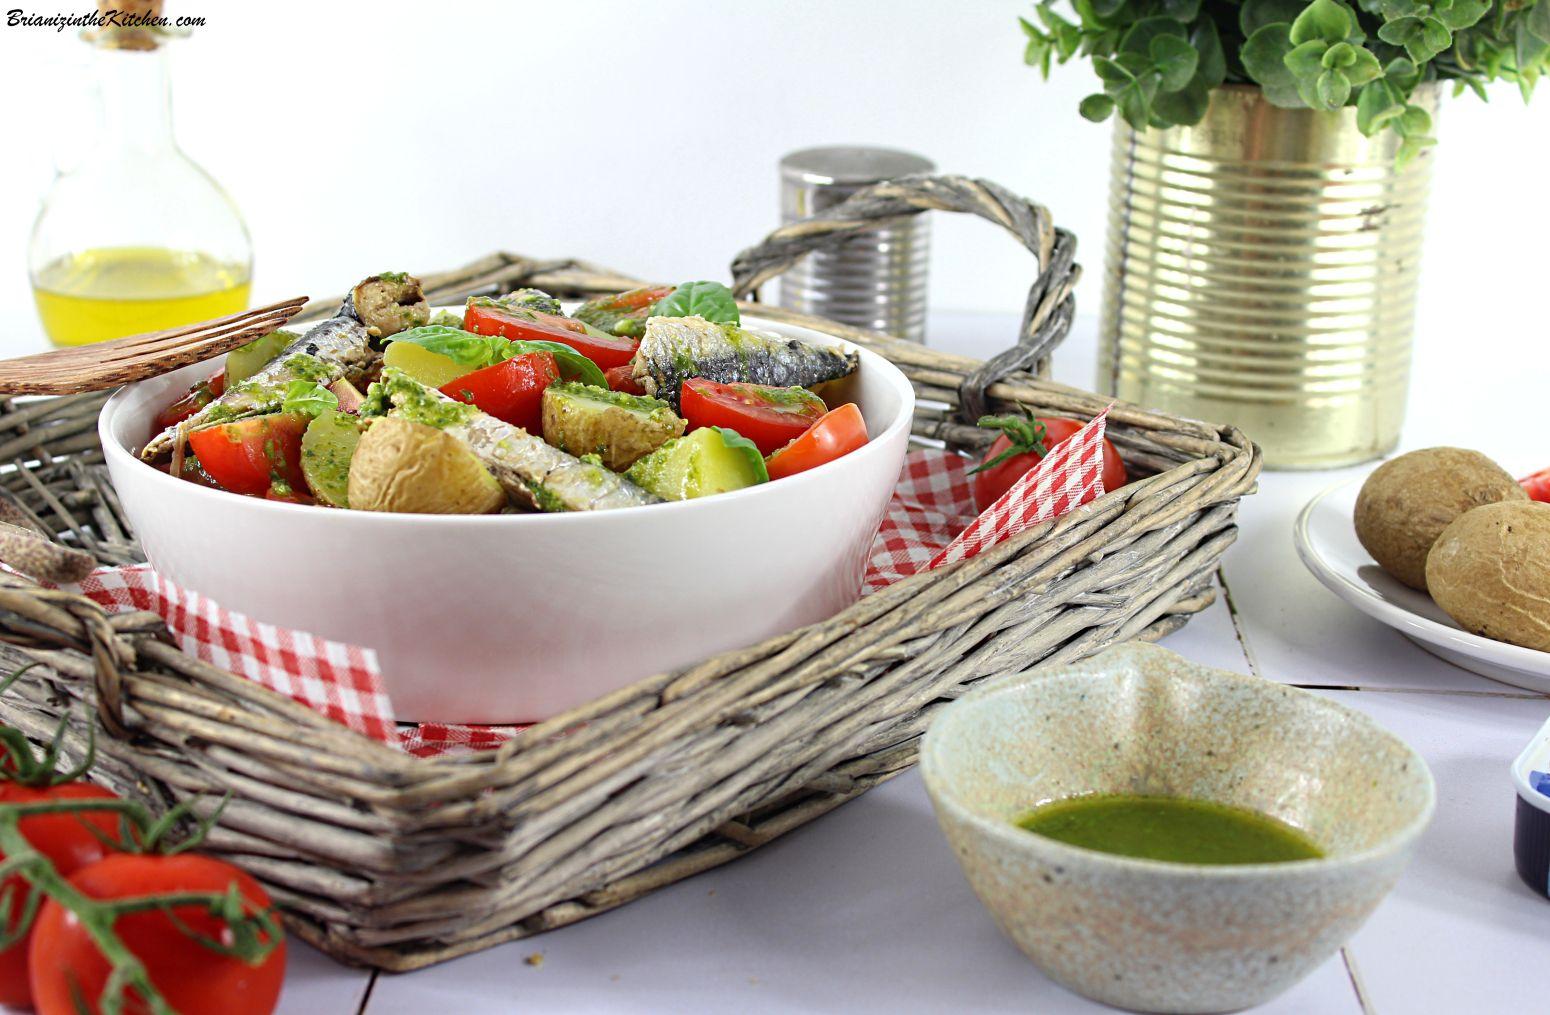 Salade de Pommes de Terre Nouvelles, Sardines, Tomates et Vinaigrette au Basilic